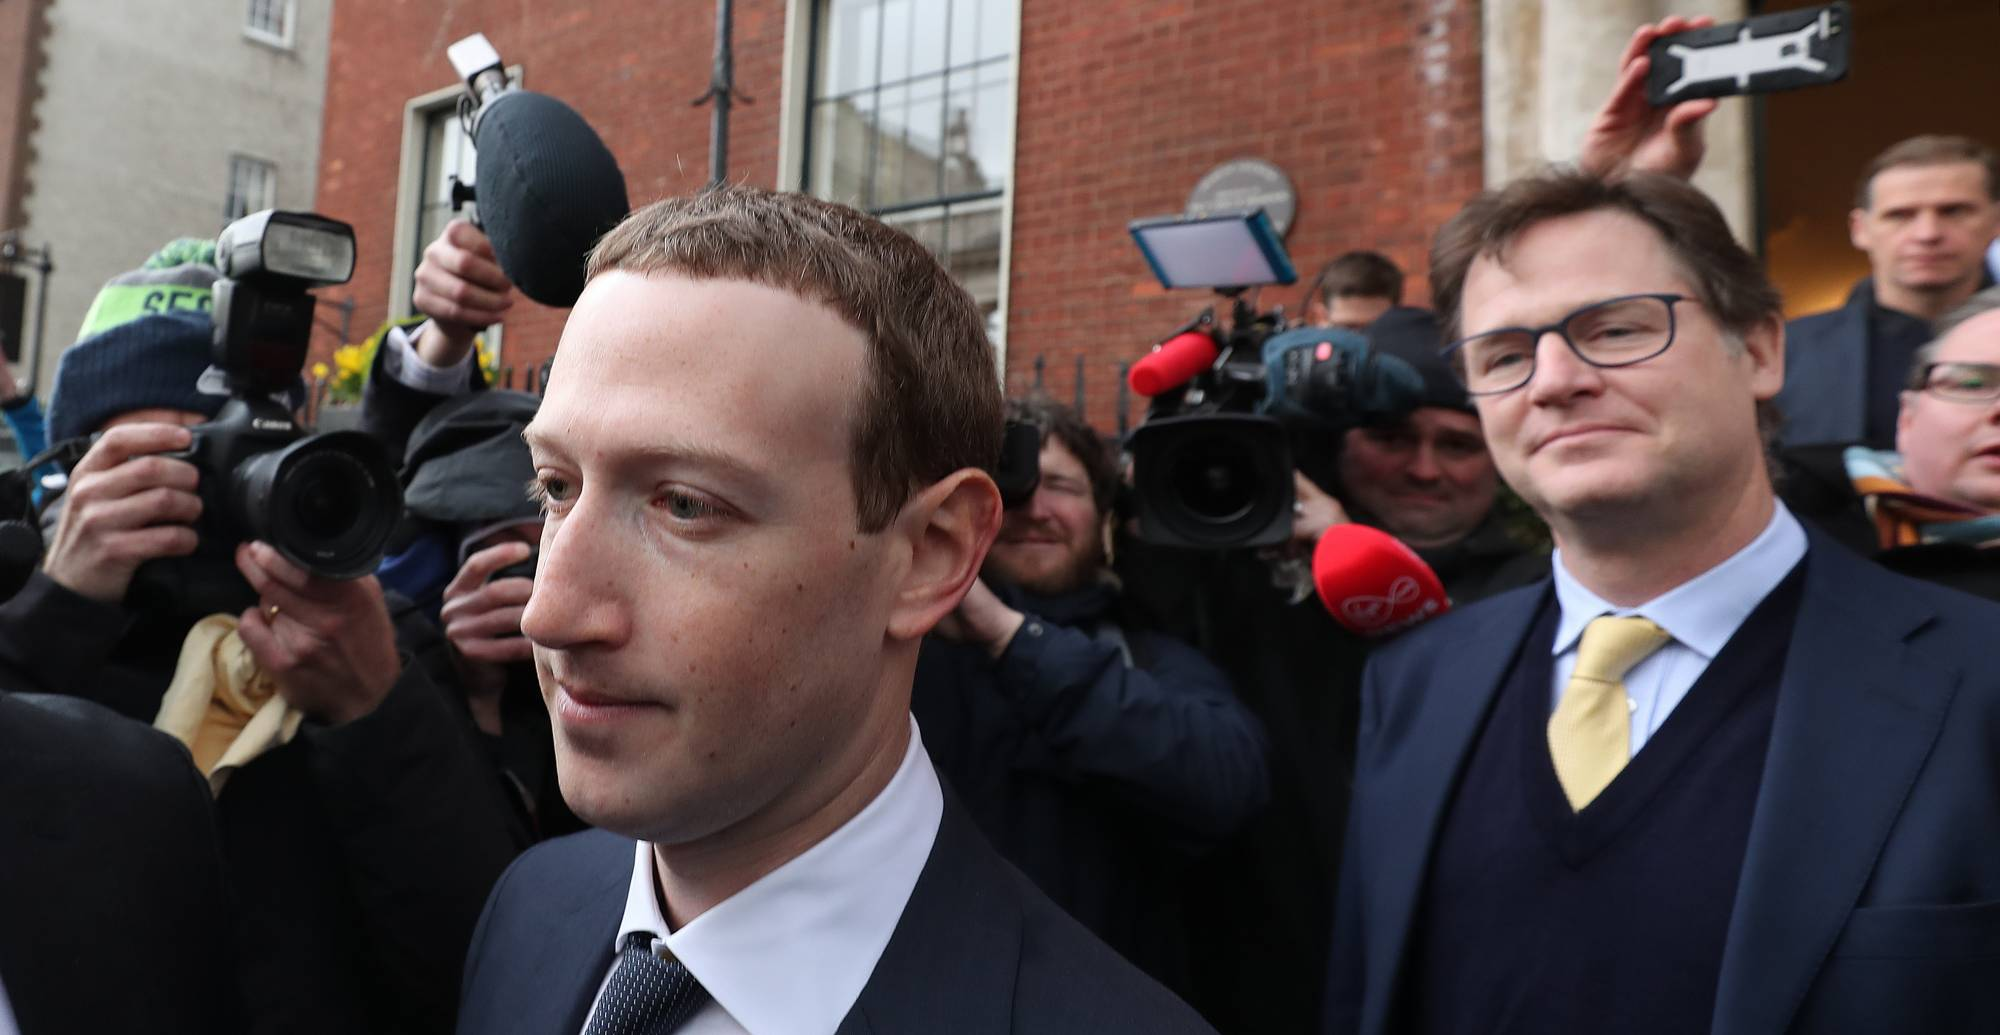 Social media regulation